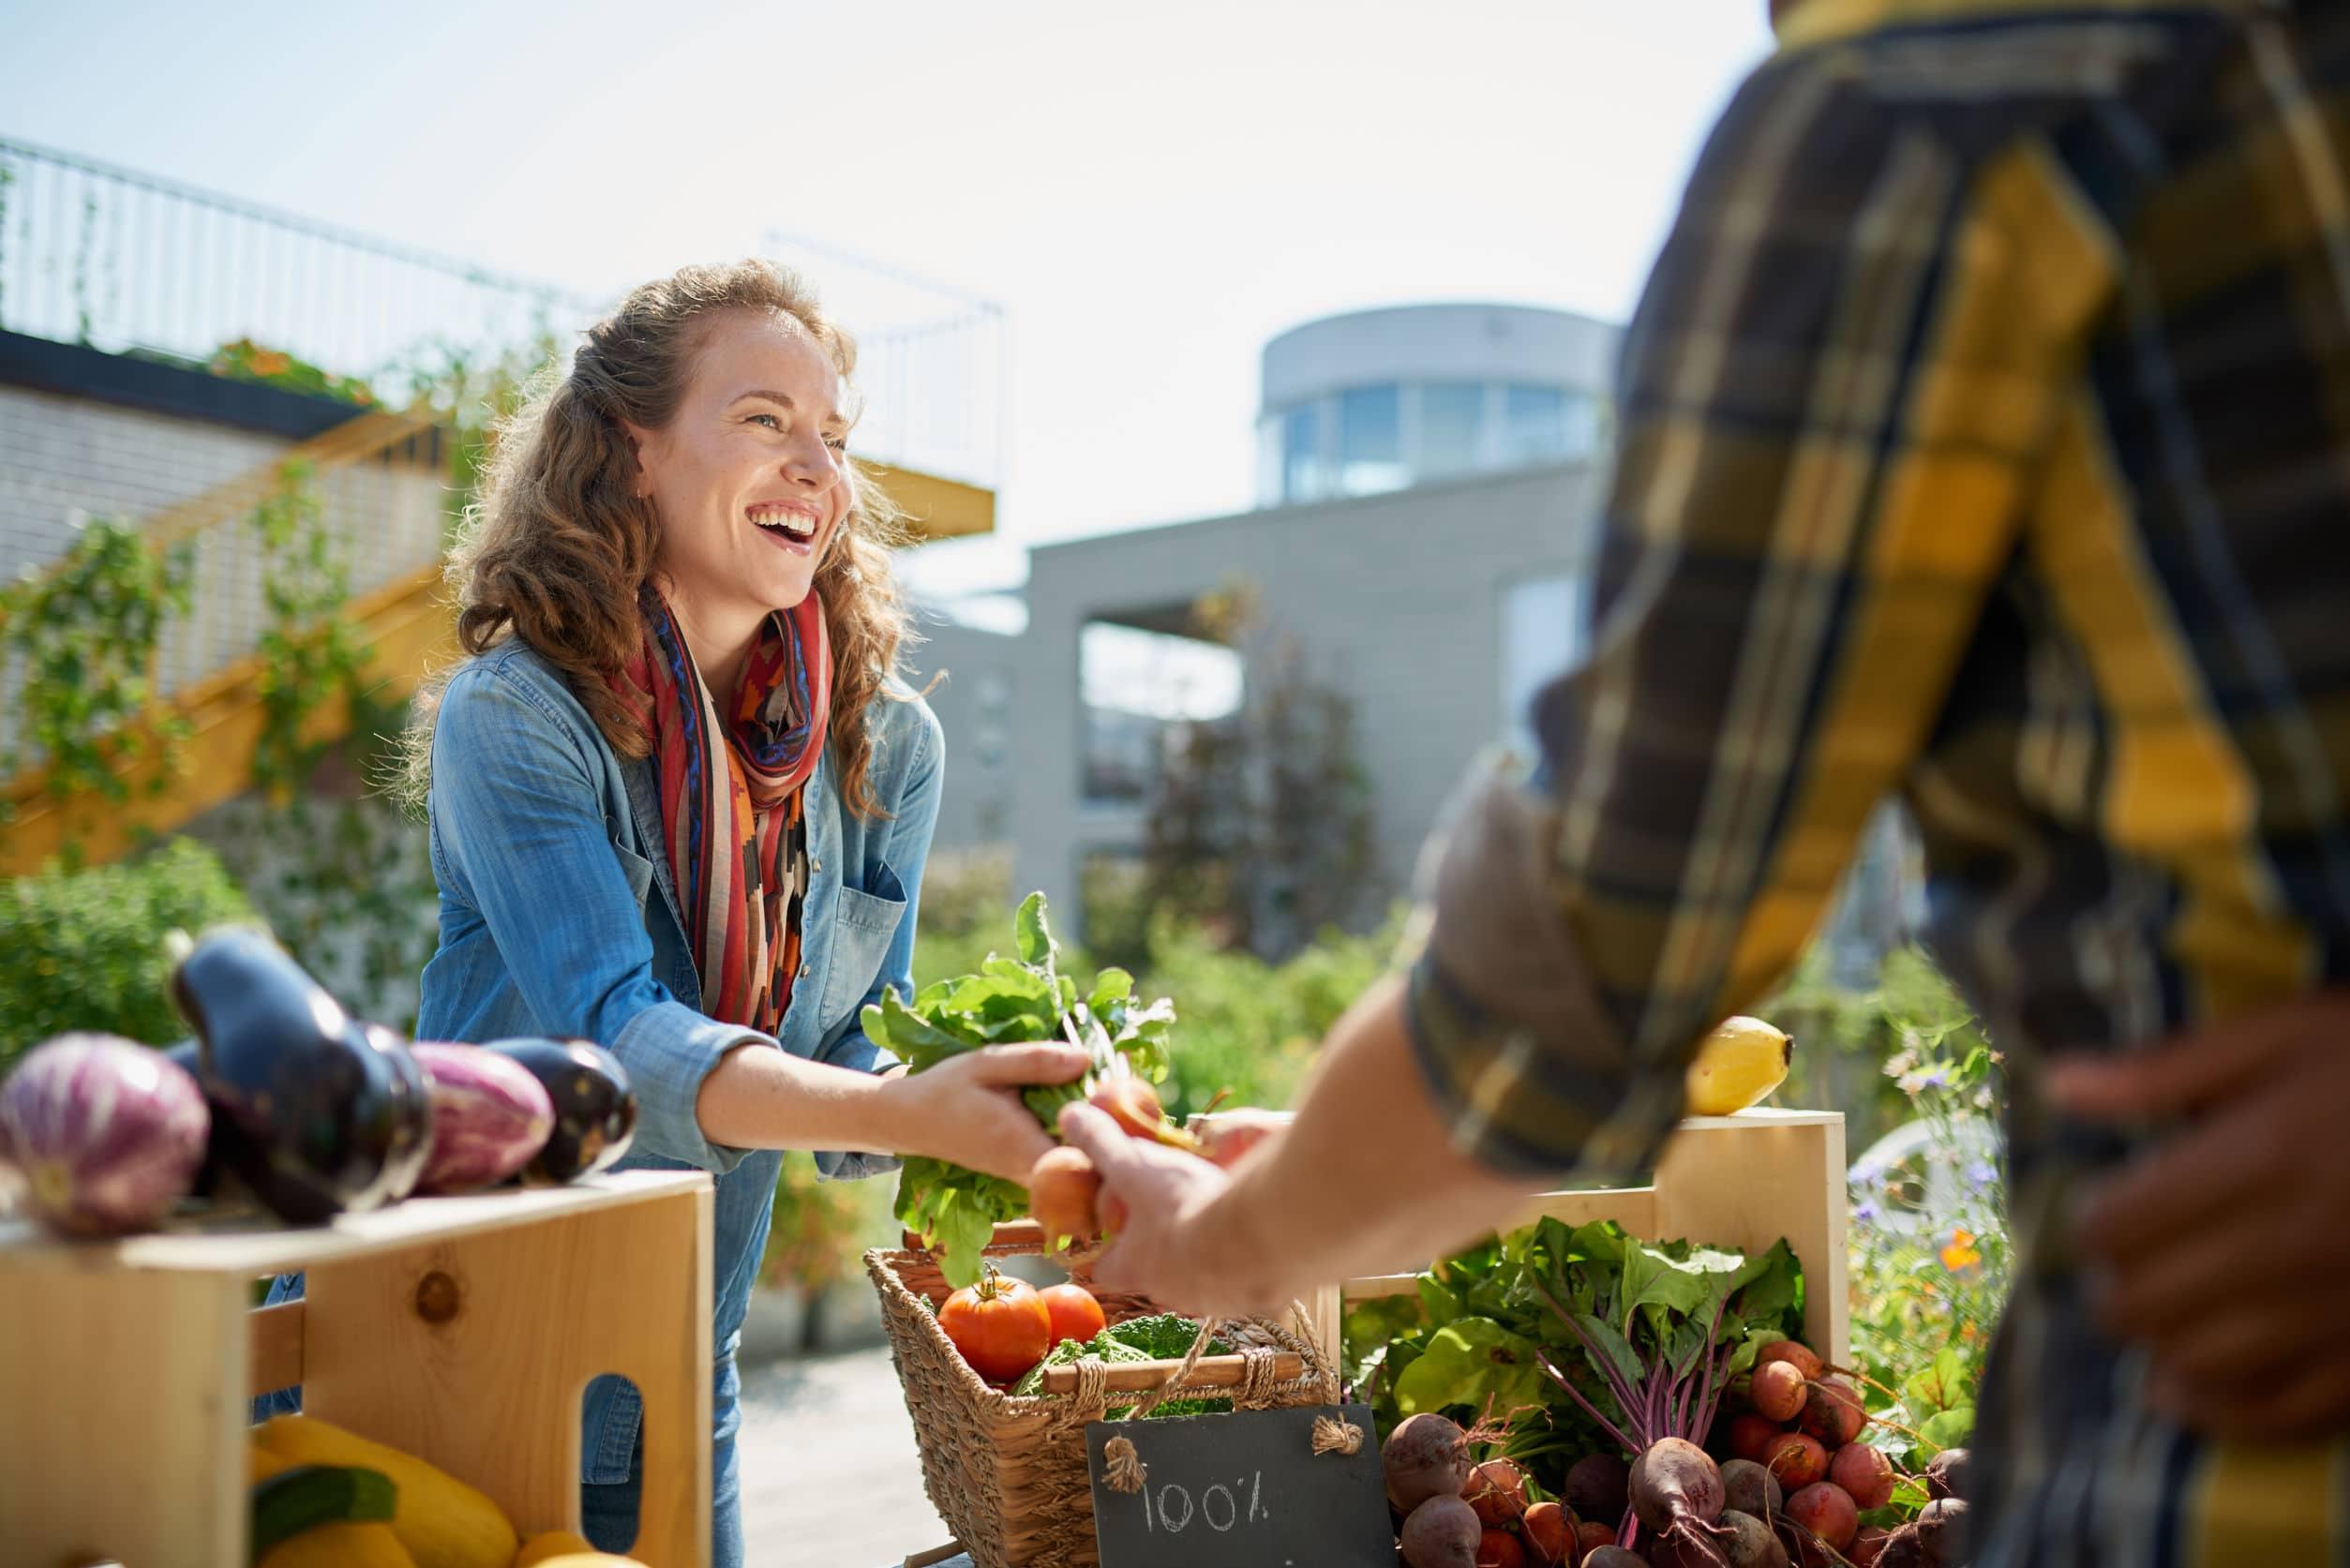 Mulher comprando vegetais.